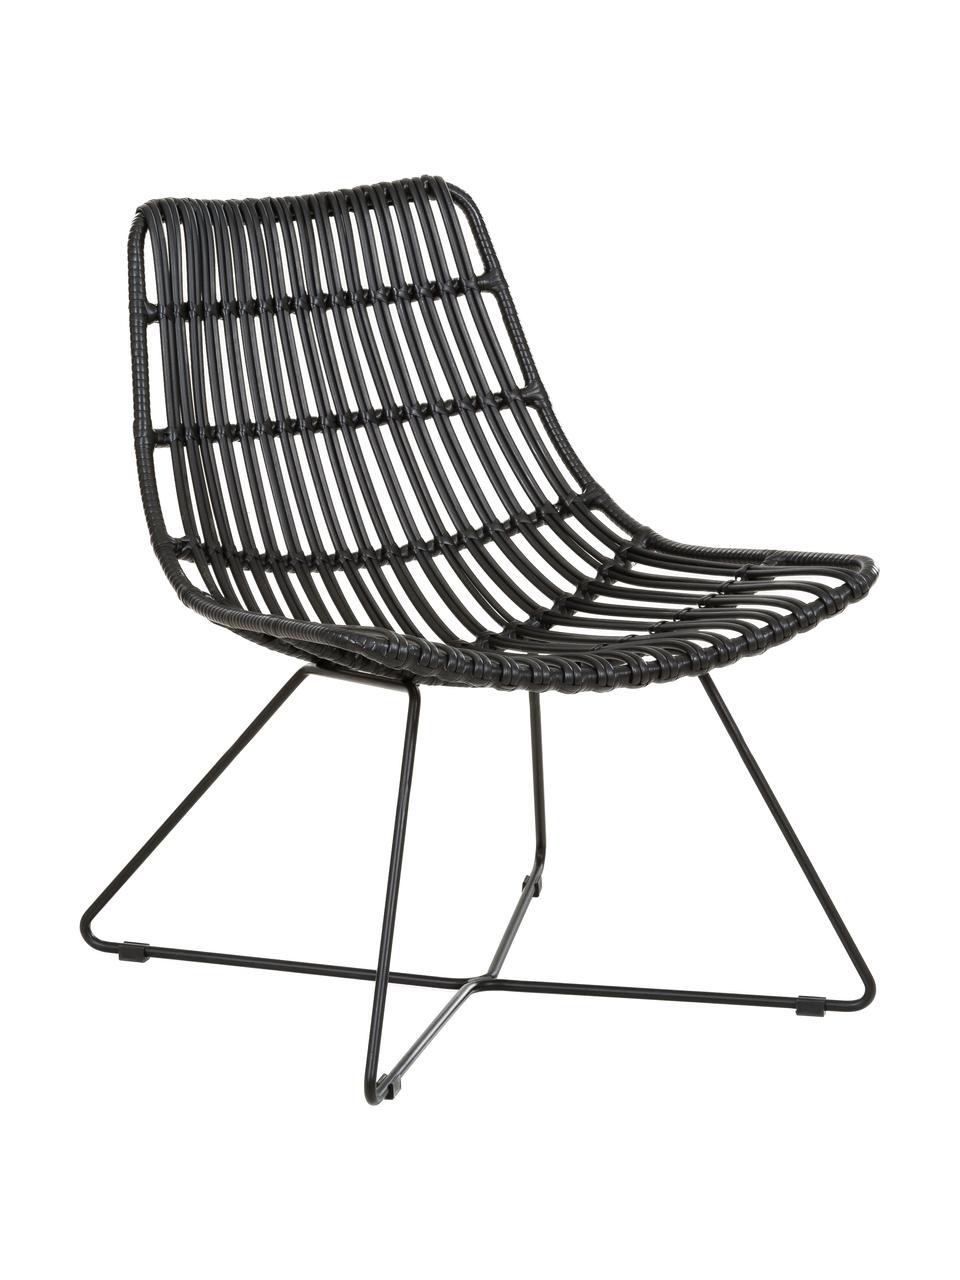 Polyrotan loungefauteuil Costa in zwart, Zitvlak: polyethyleen-vlechtwerk, Frame: gepoedercoat metaal, Zwart, B 64 x D 64 cm